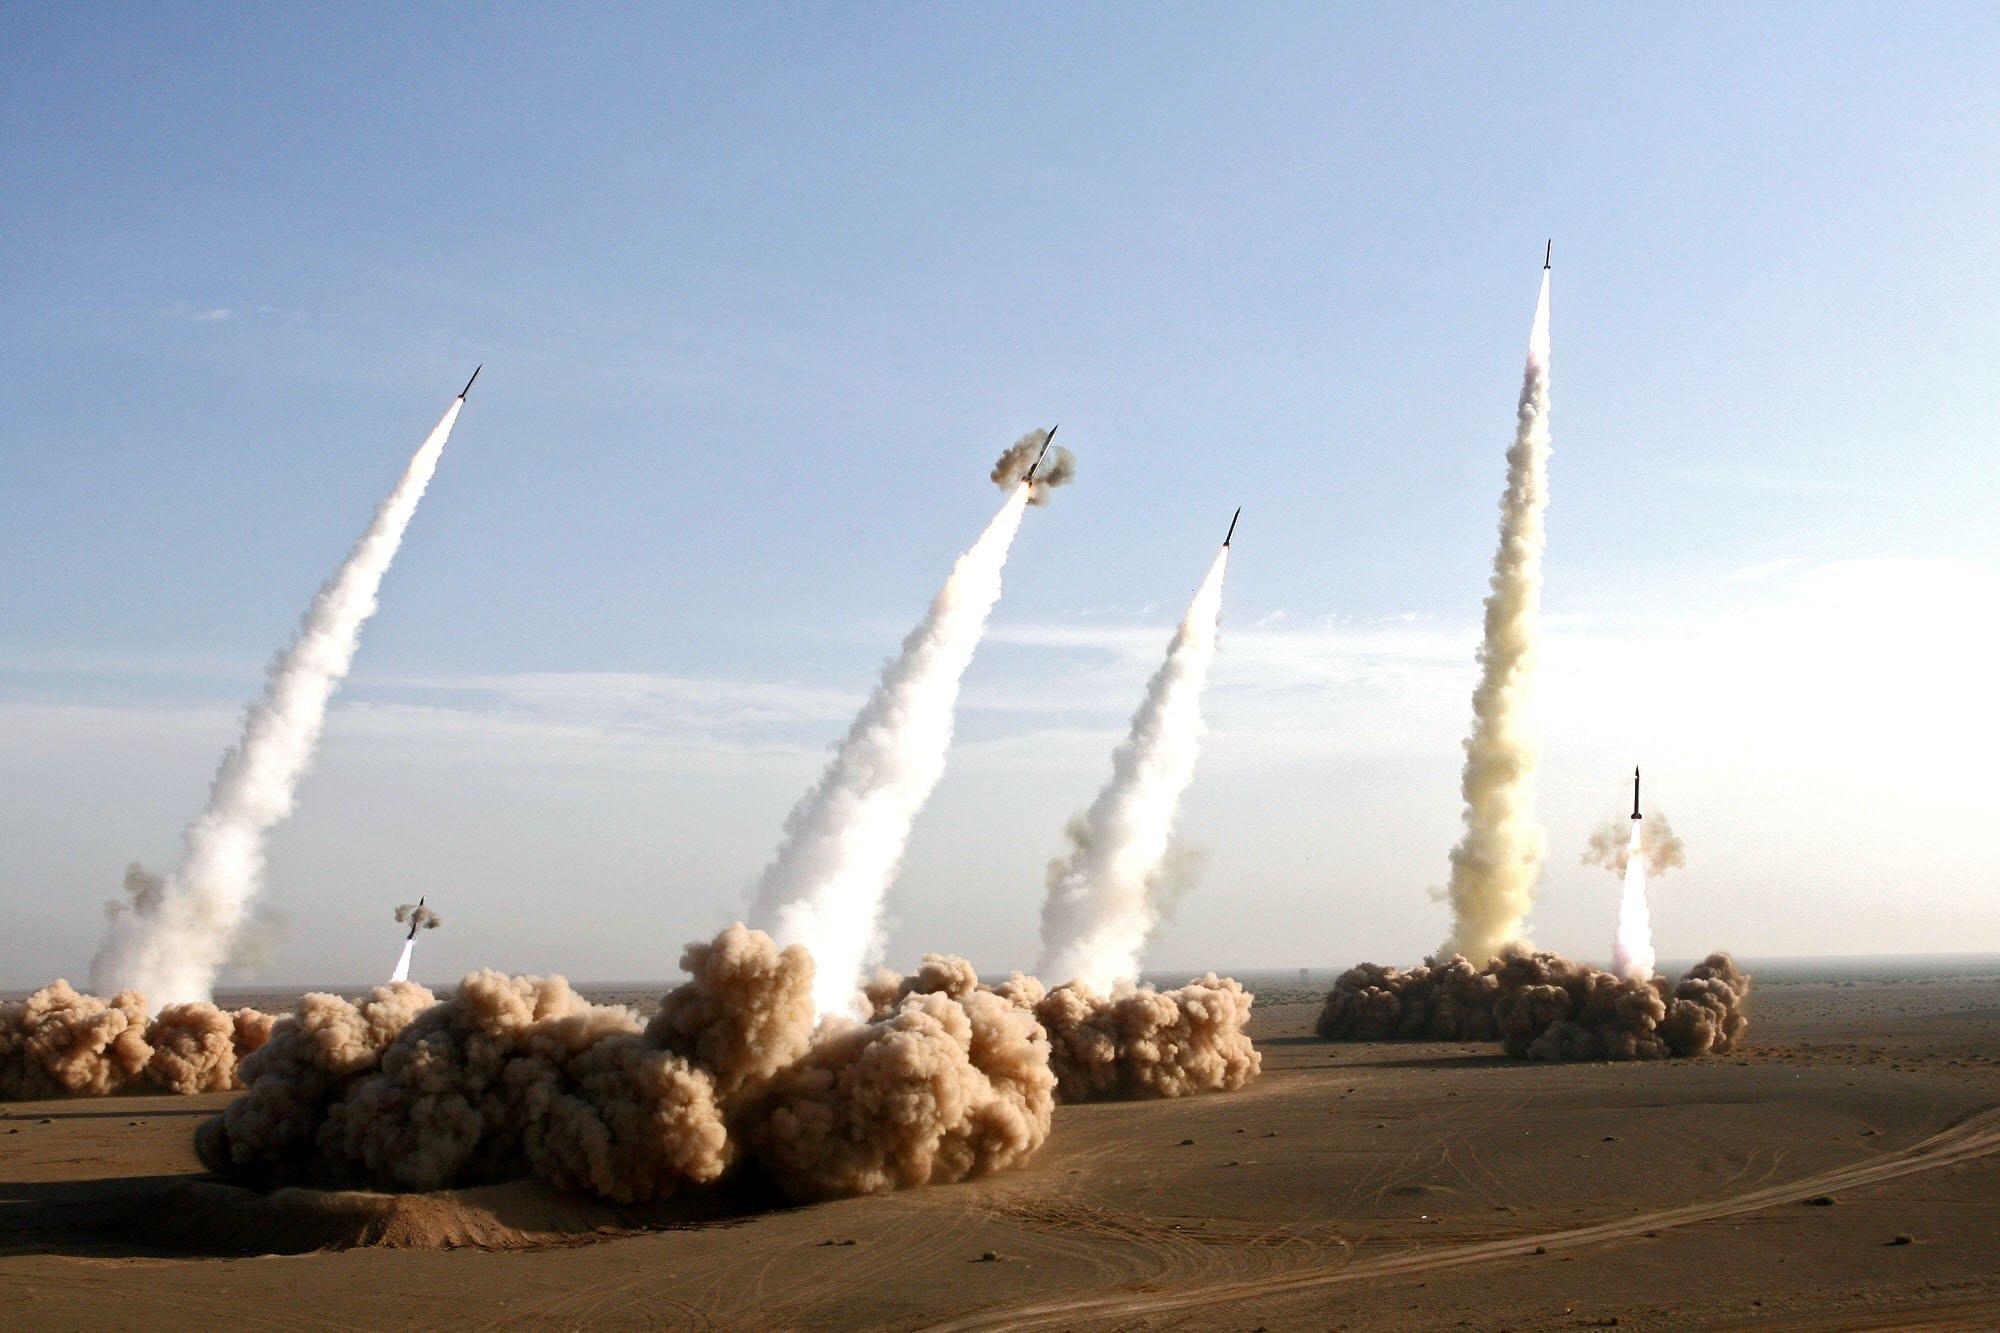 Iran đẩy Trump đến bờ vực thẳm: TT Mỹ đã cưỡi lên lưng cọp không thể tụt xuống? - Ảnh 5.